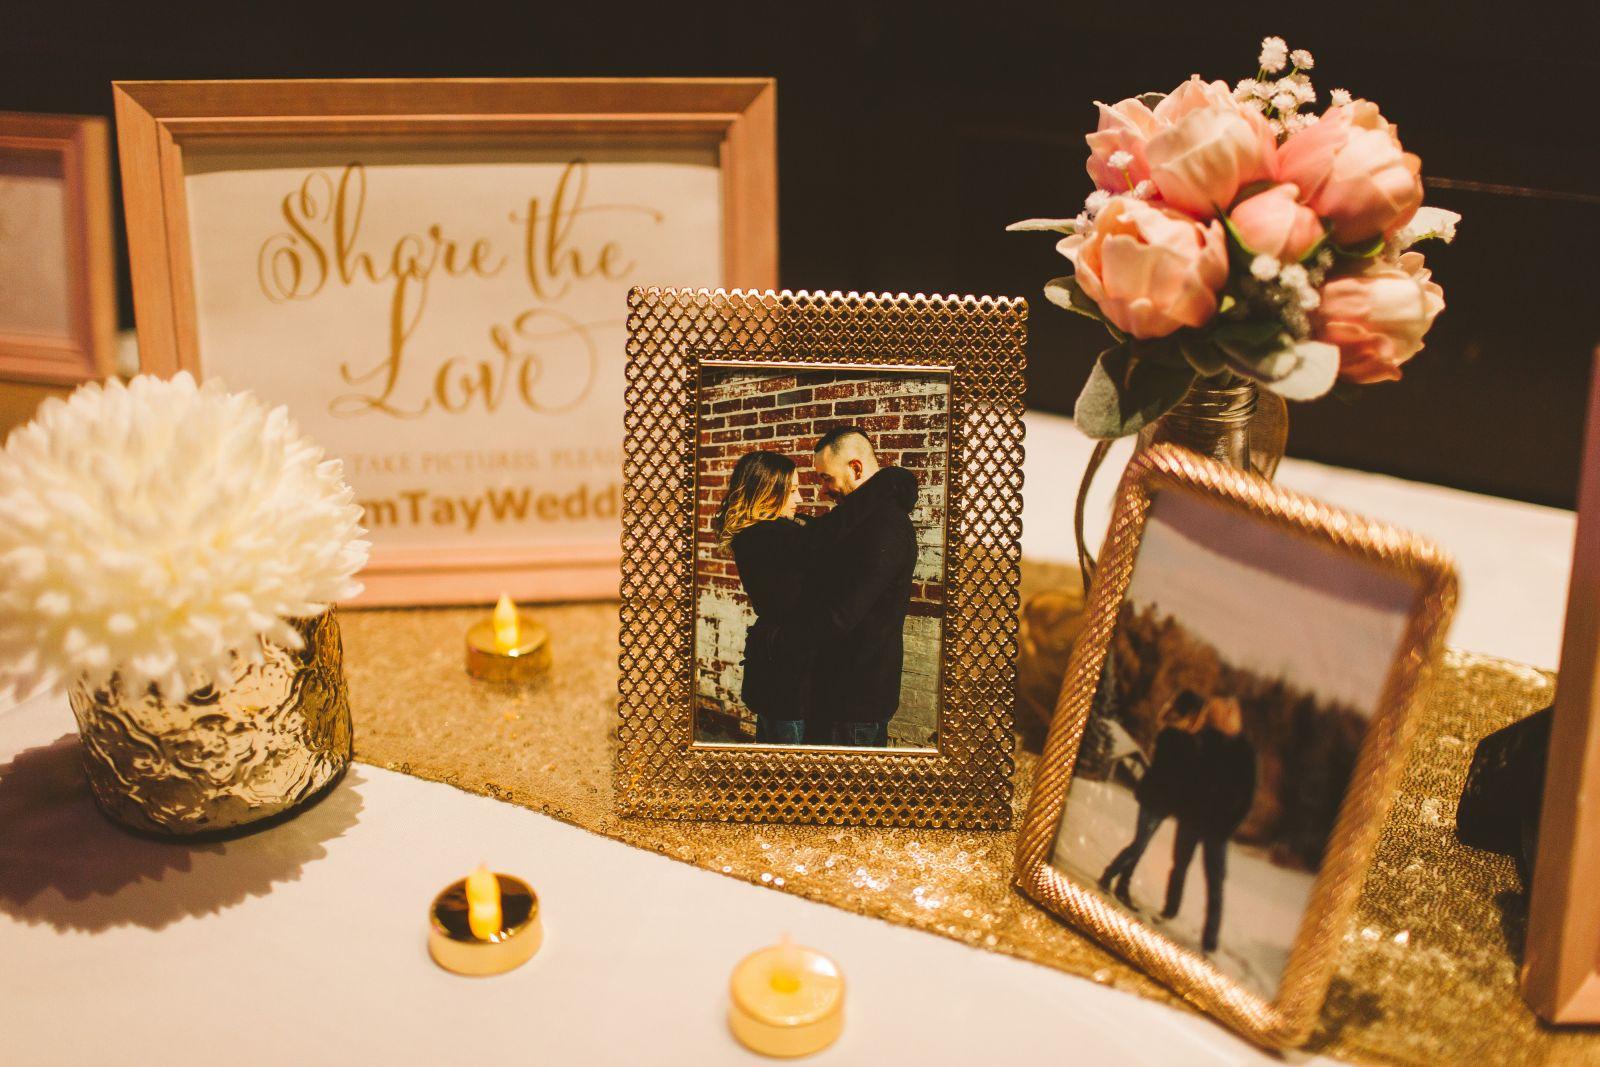 8x10 blush frame   4x6 gold frames   Led tealights   table runner